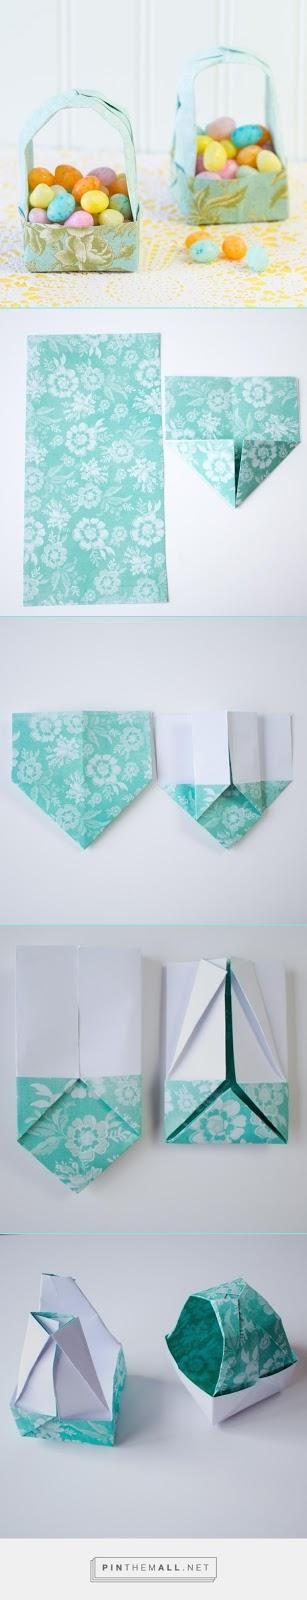 Origami Easter Gift Basket Tutorial Paperblog